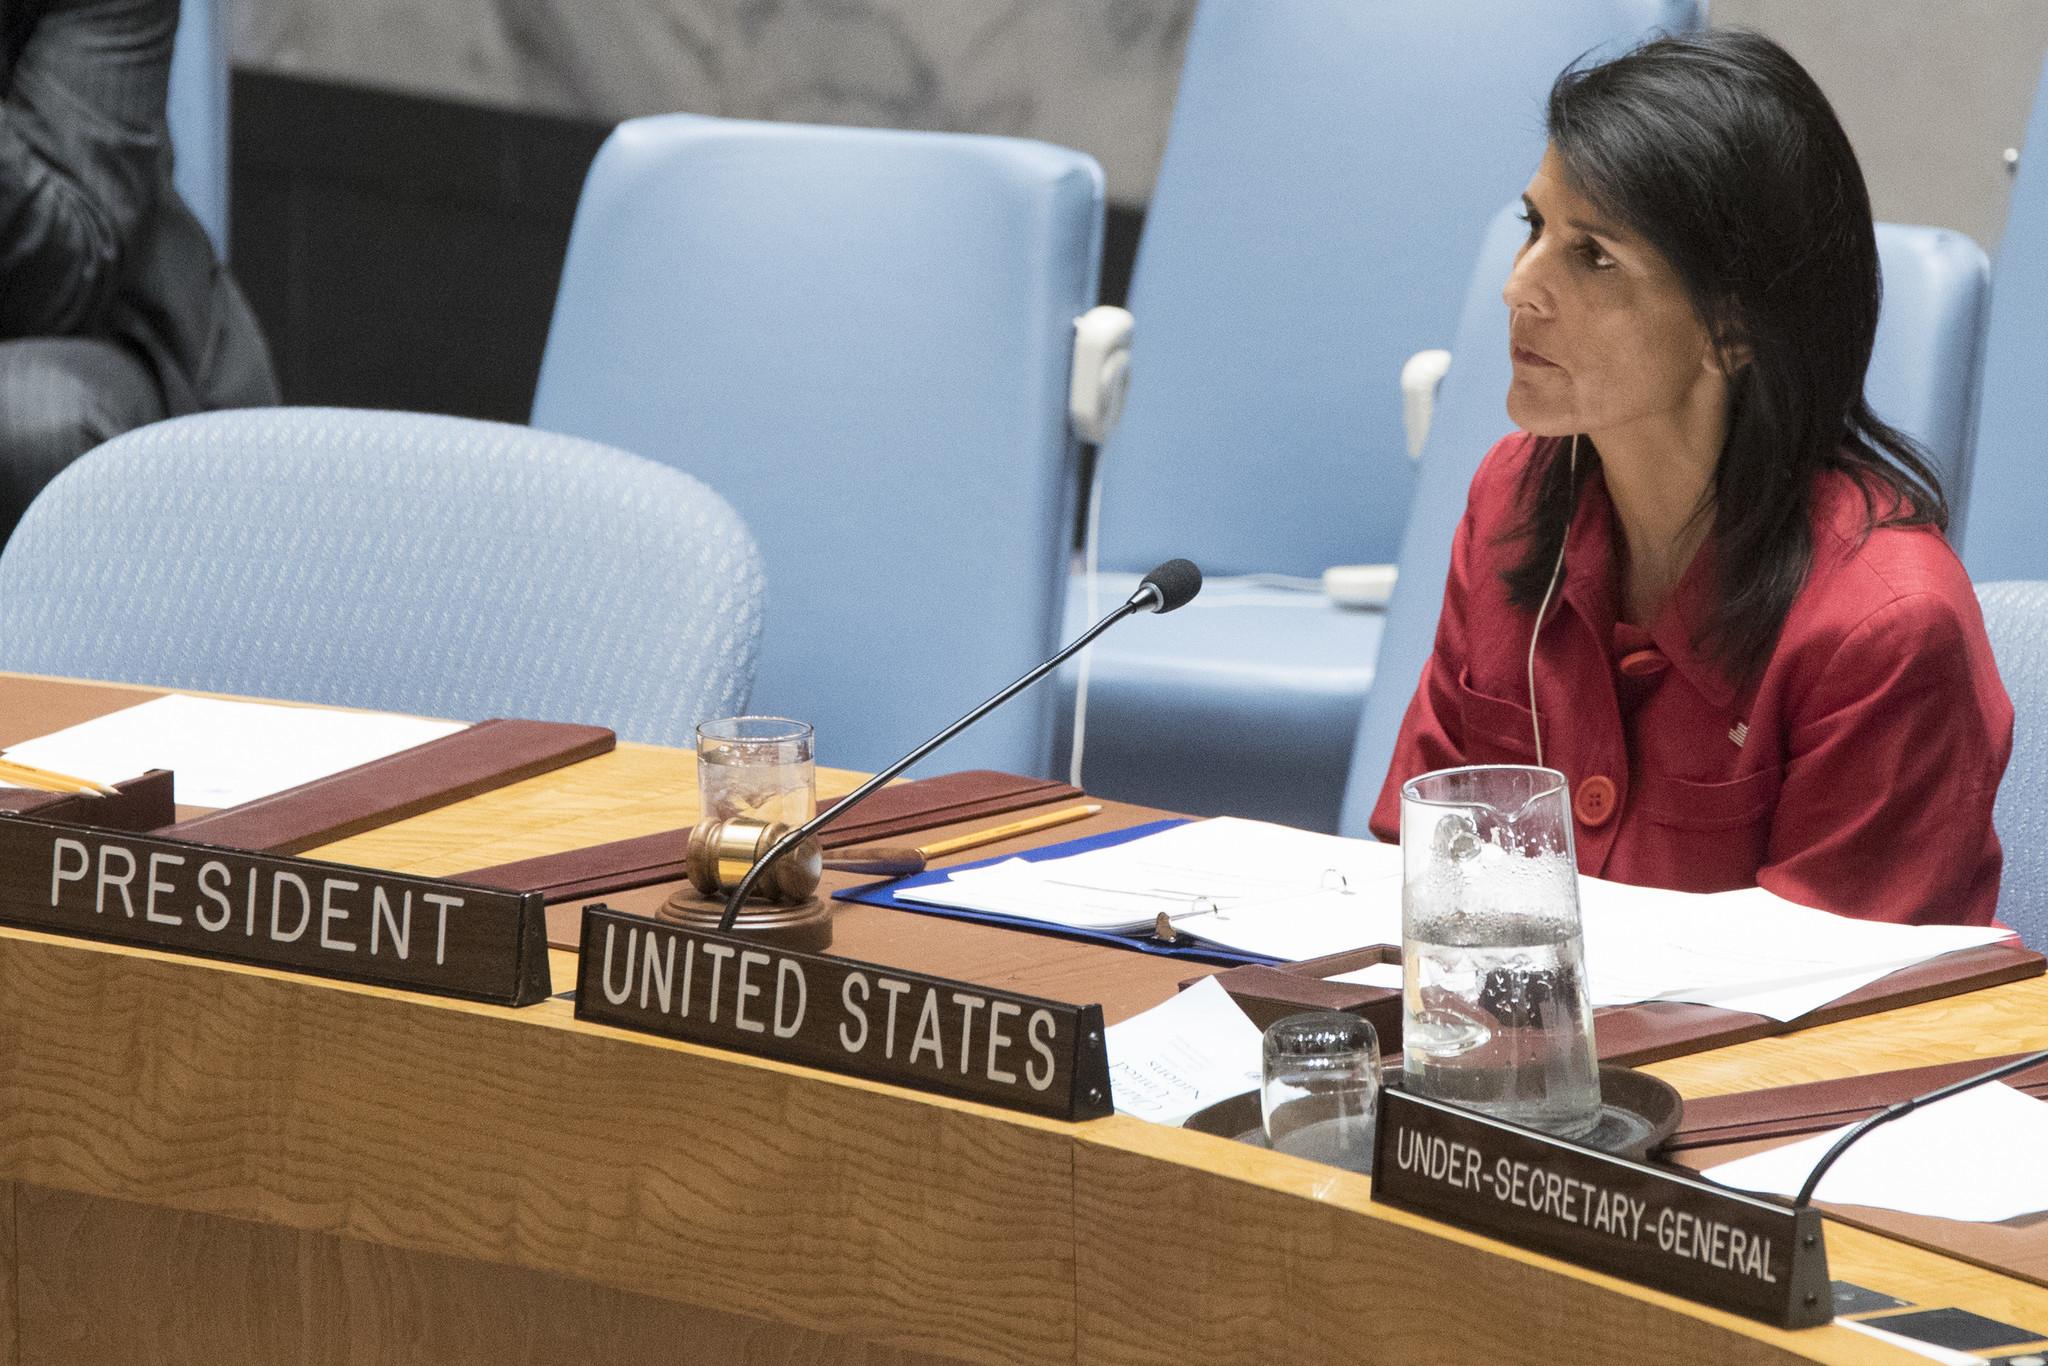 هايلي تدعو مجلس الأمن الى الاقتداء بالموقف الأميركي حيال إيران.. والروسي يهزأ منها